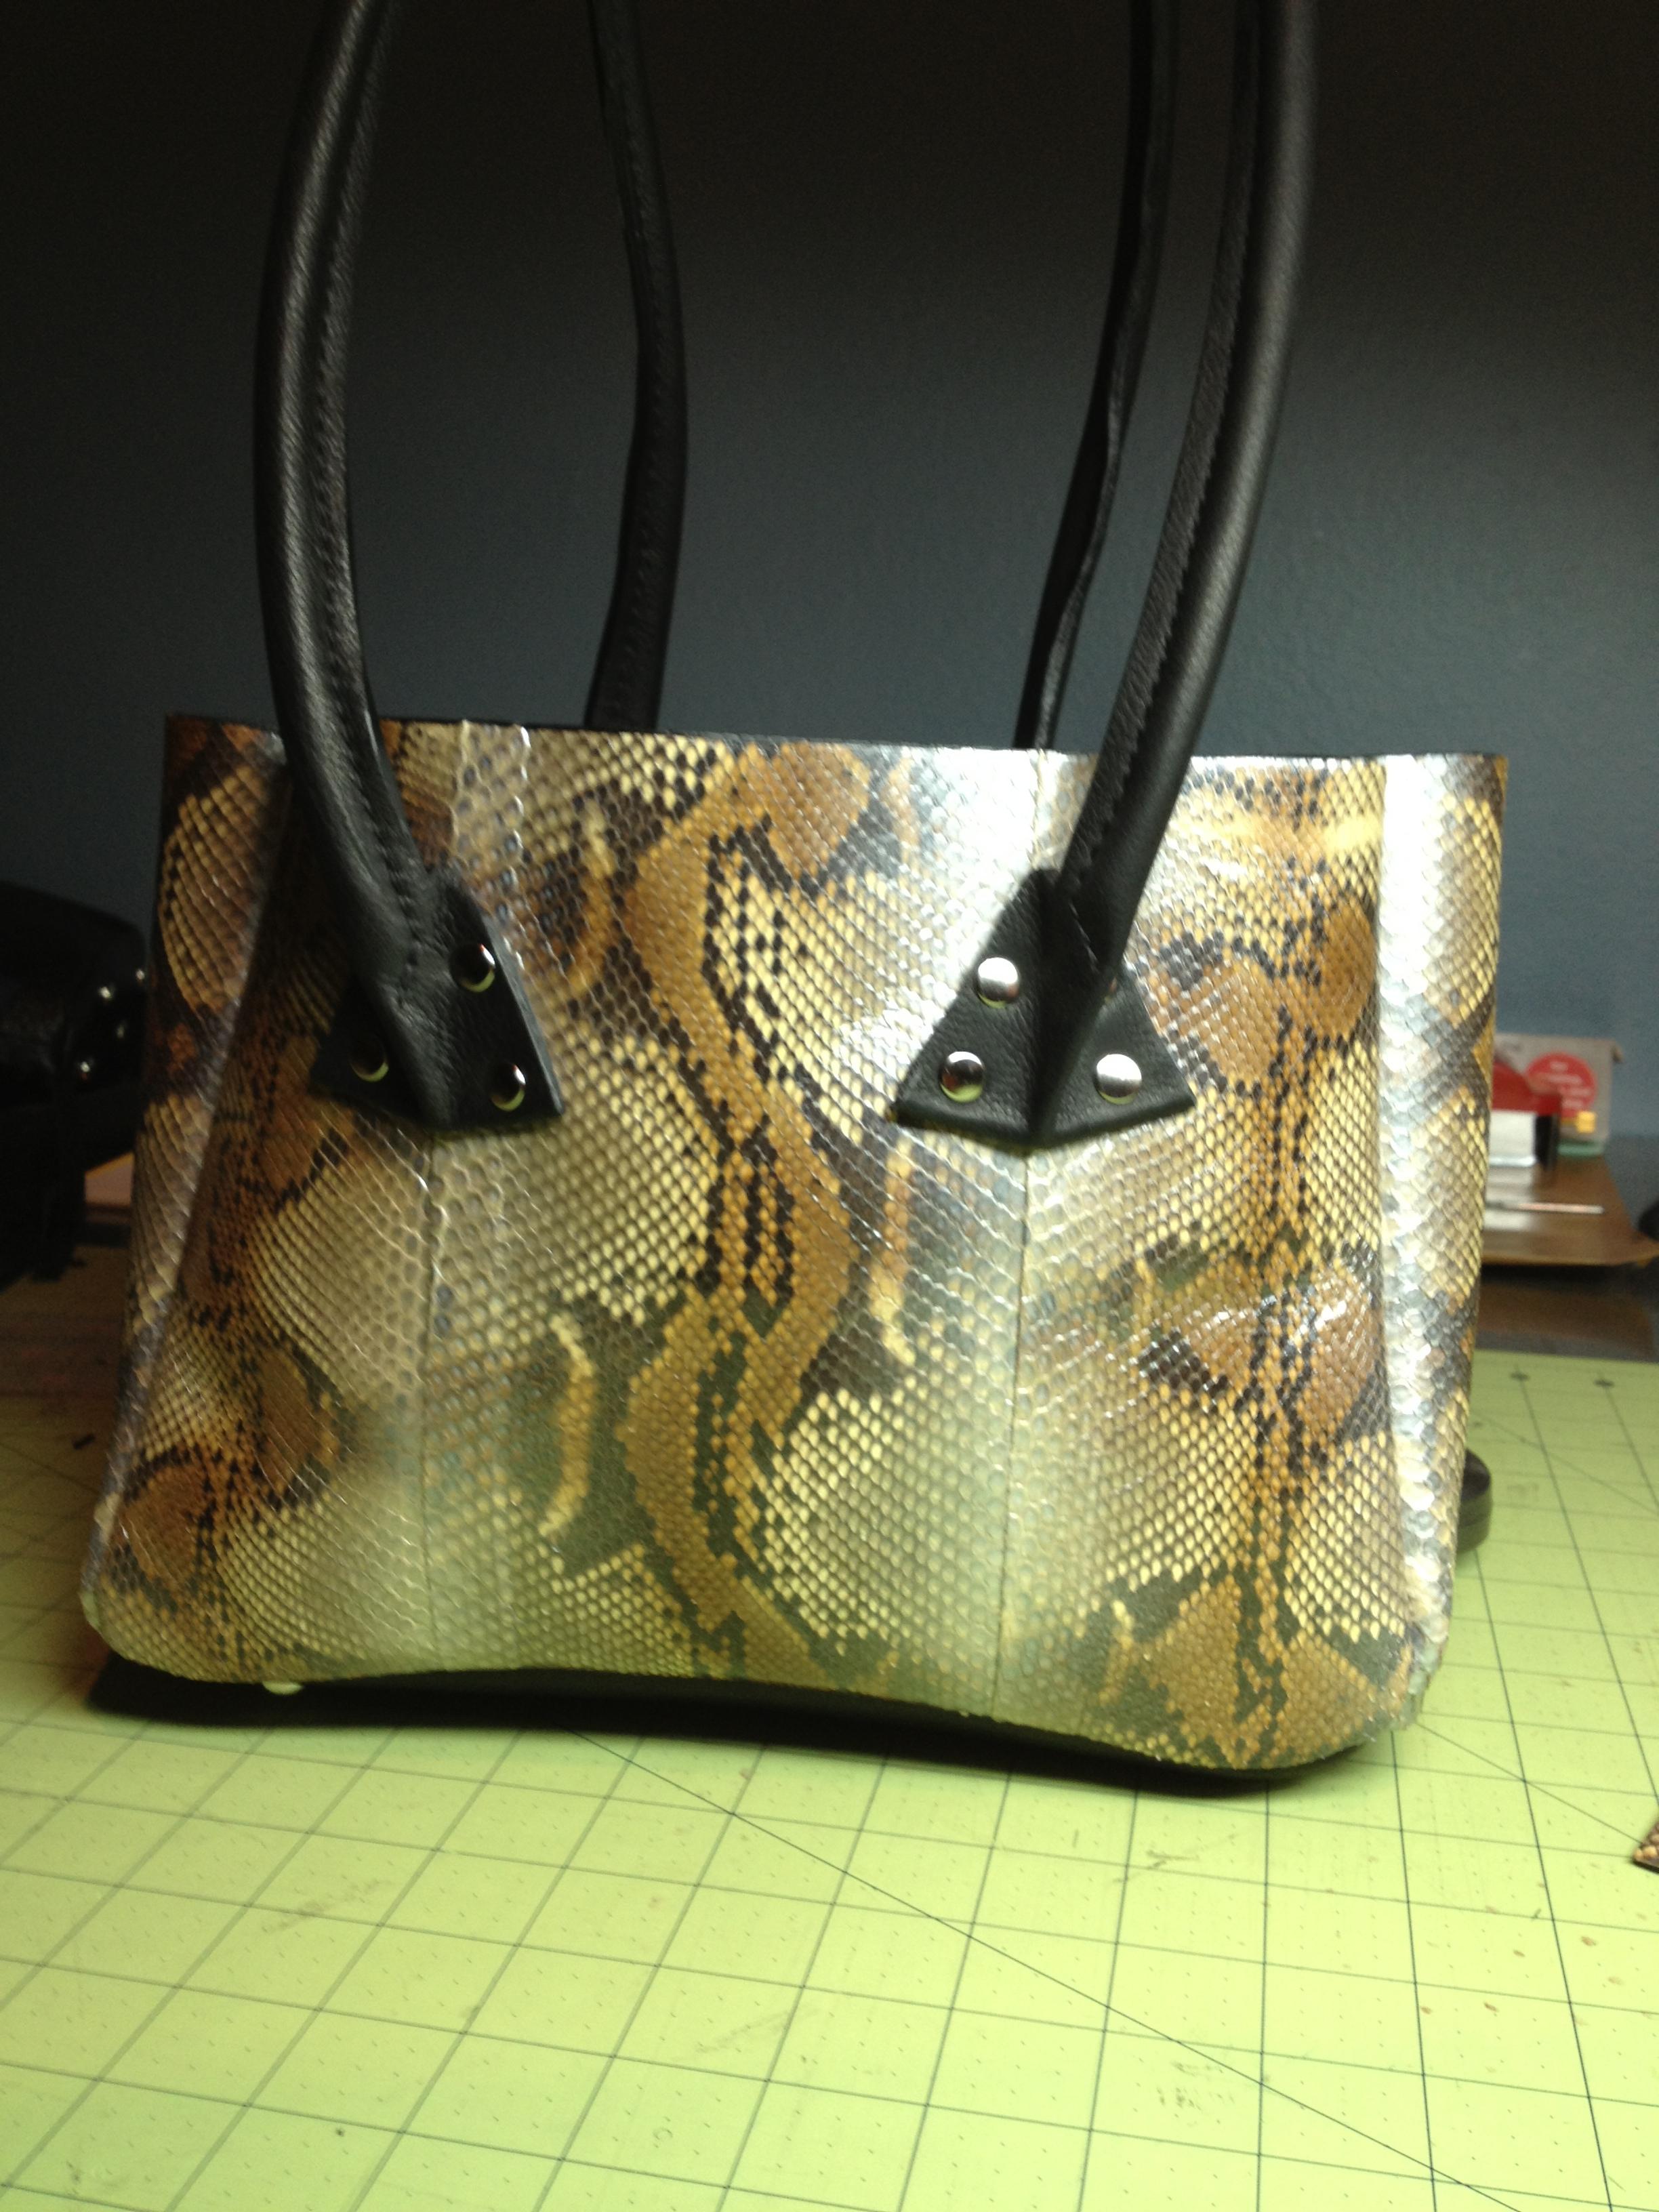 Python Handbag-close up